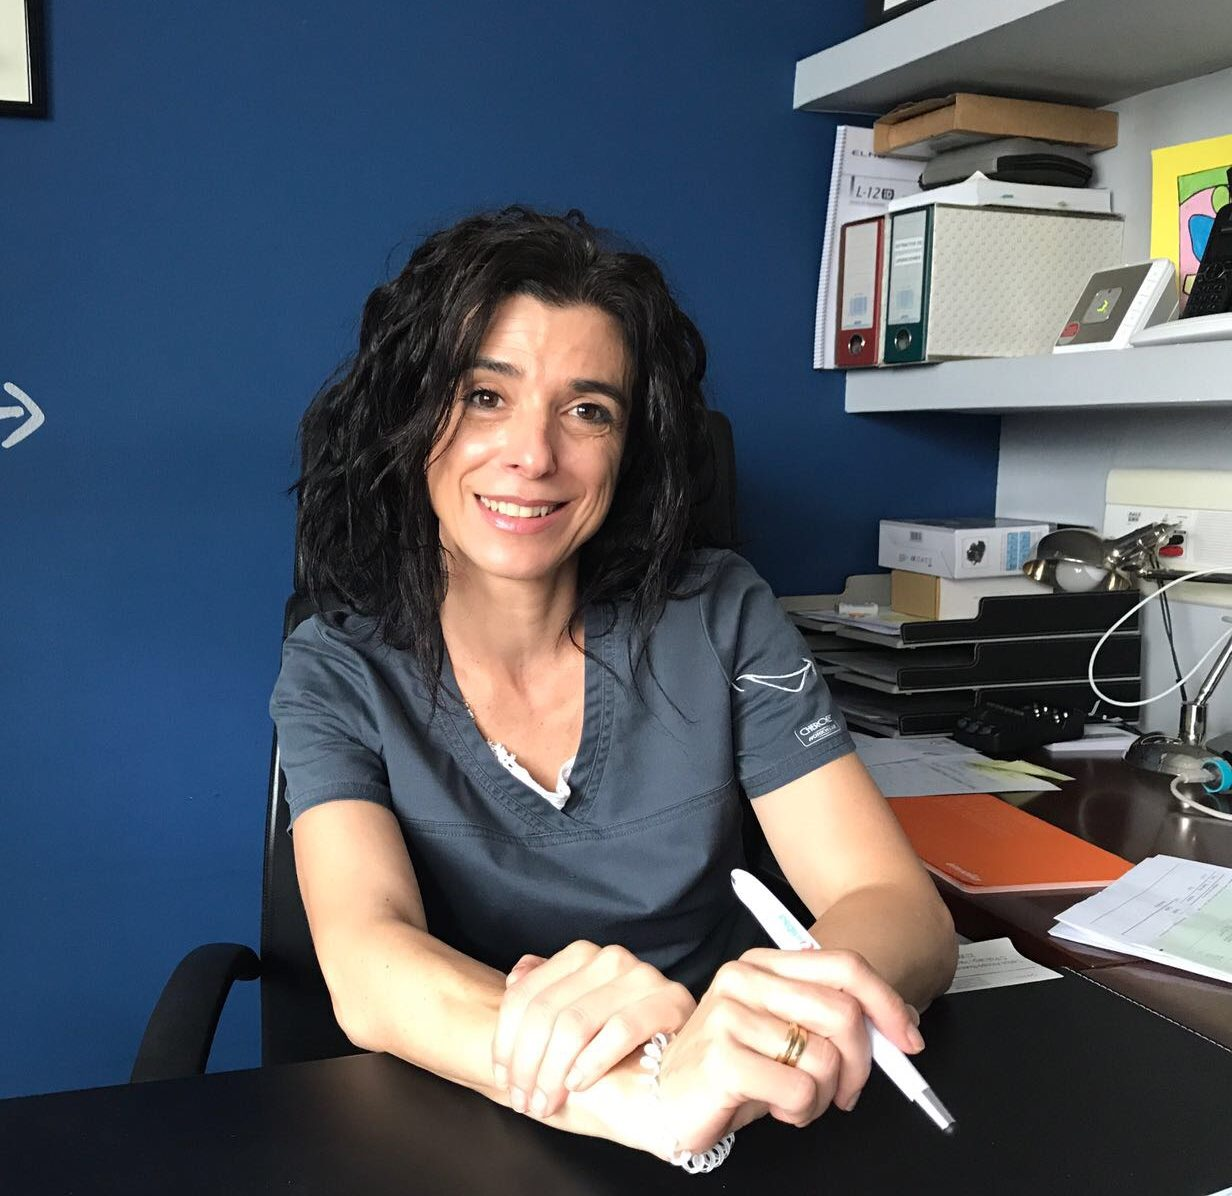 Dña. Nuria Vallina García